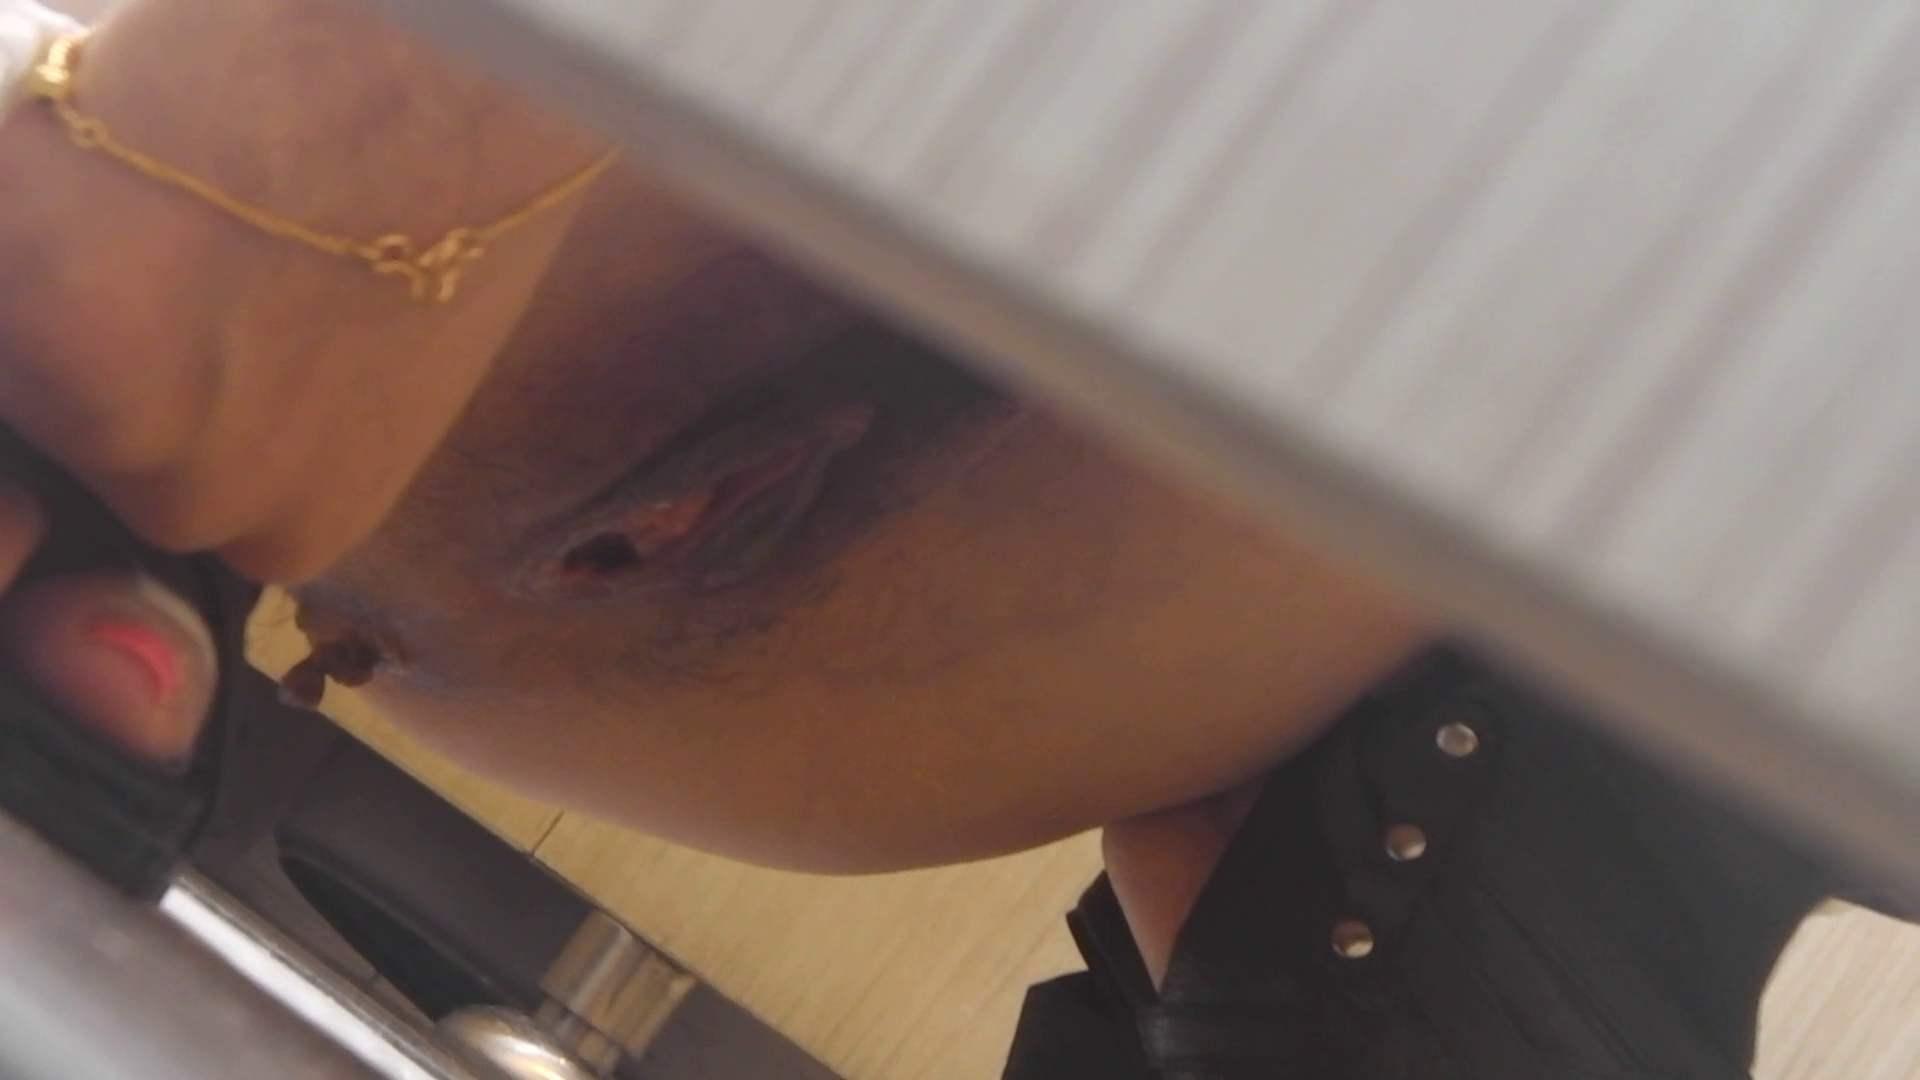 阿国ちゃんの「和式洋式七変化」No.16 和式便所 | 洗面所のぞき 盗撮 102枚 70